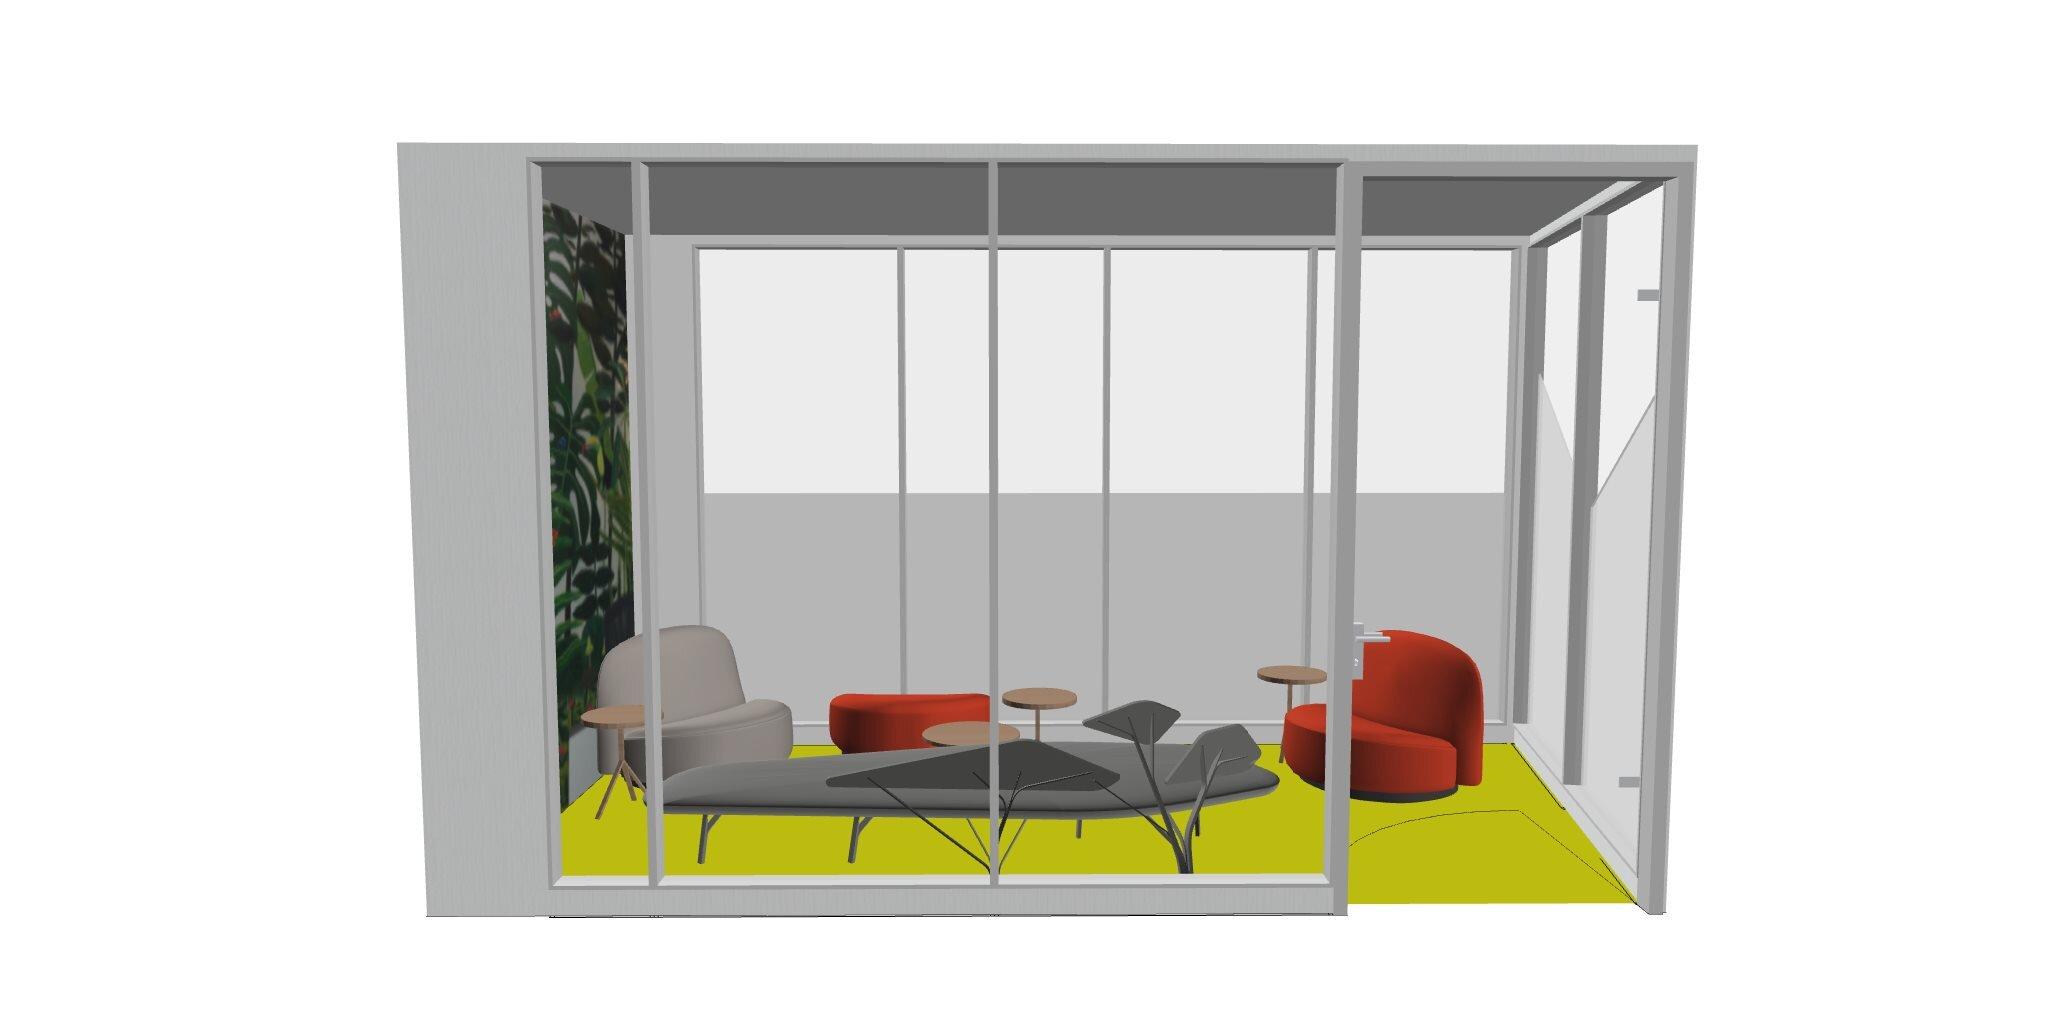 maison-bou-2019-bureaux-le-centorial-ABC ARBITRAGE - FLUORINE 3.2.jpg